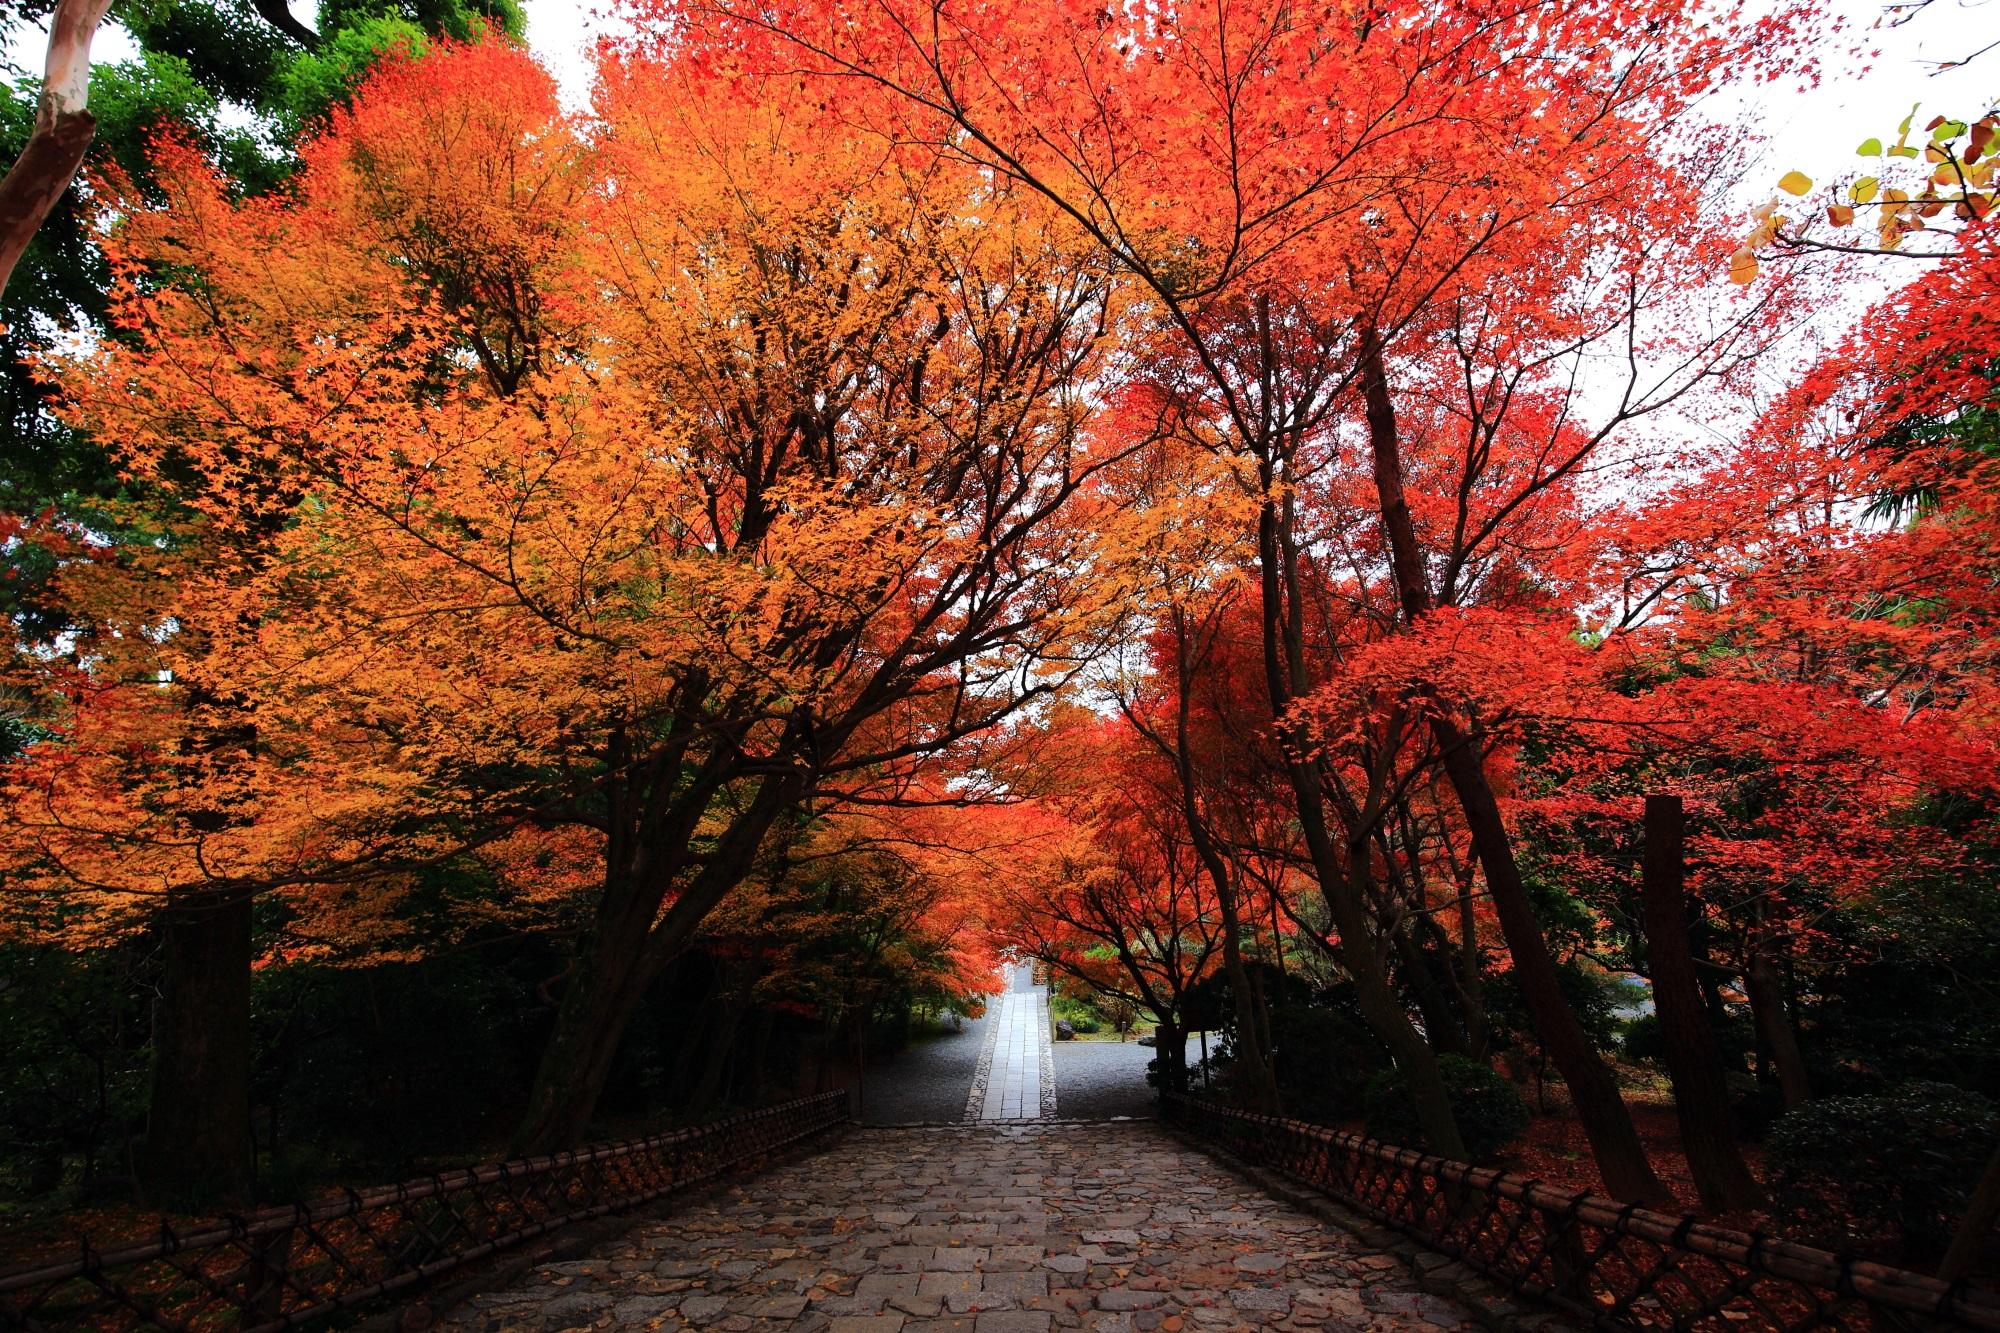 庫裡前の石段の上から眺めた美しい紅葉